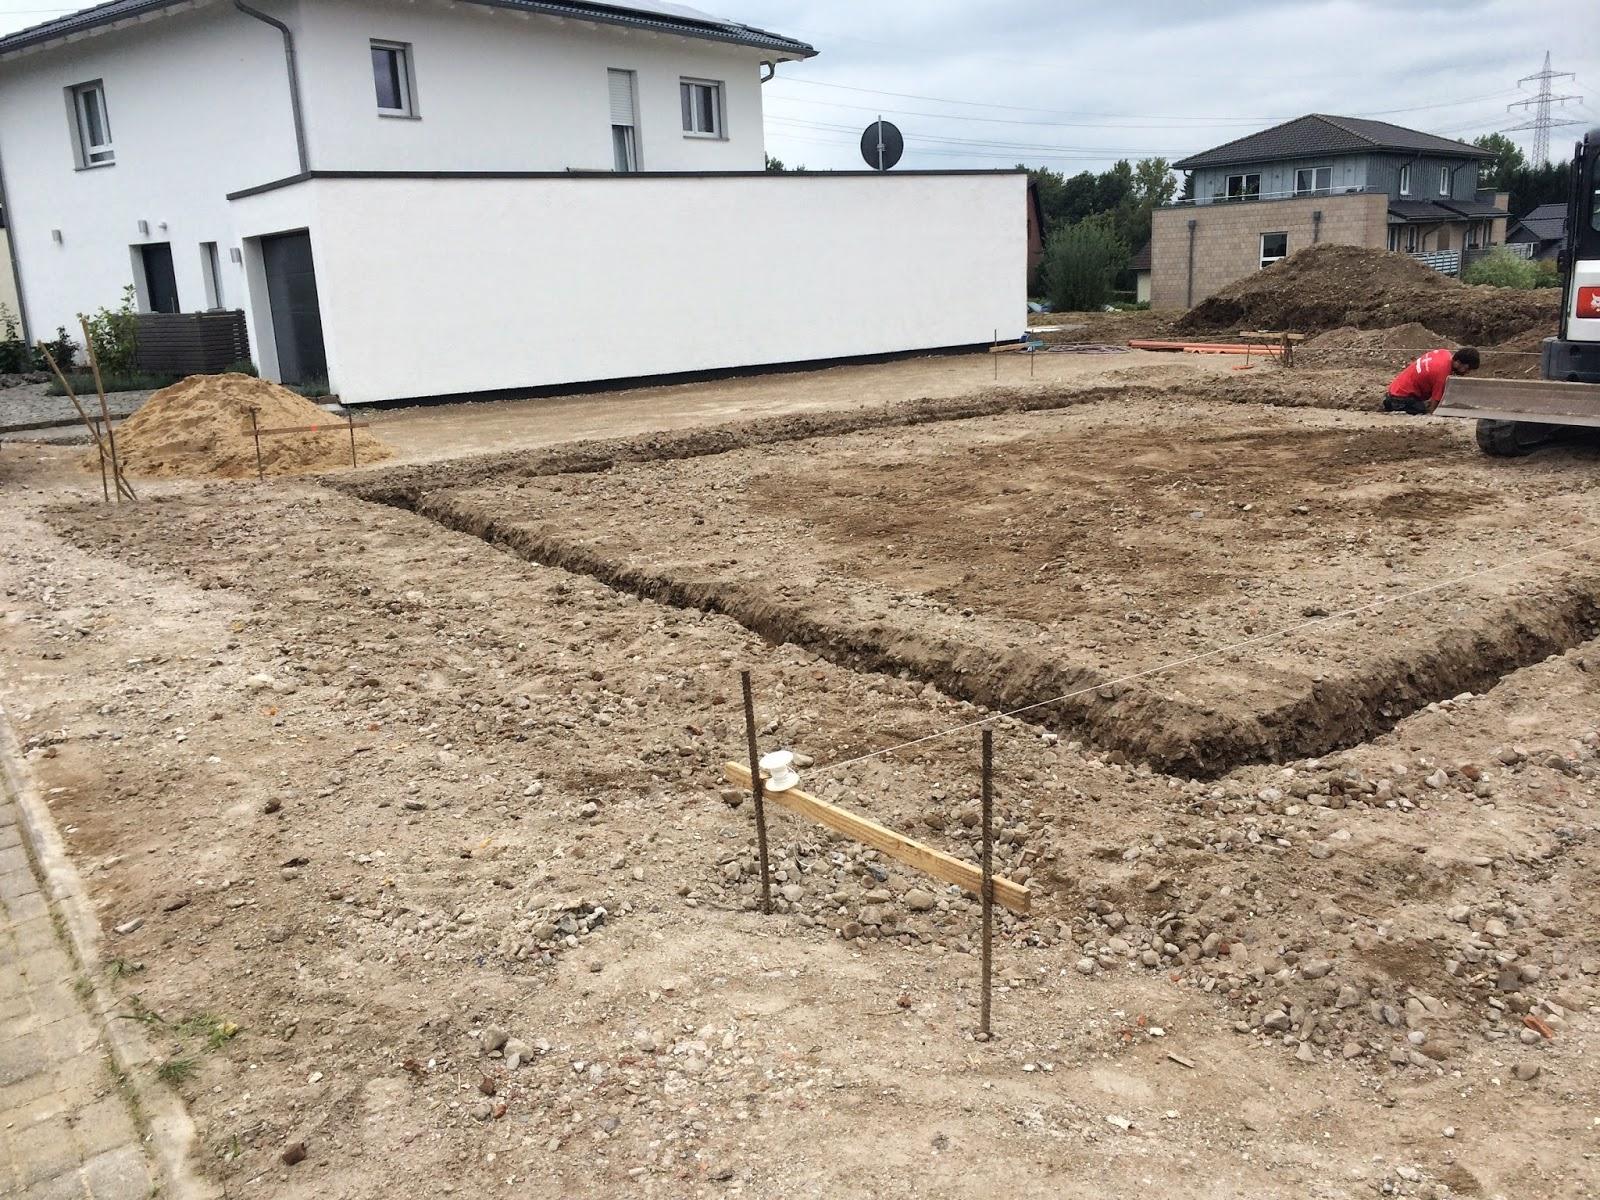 Hausbau Mit Streif Die Bodenplatte